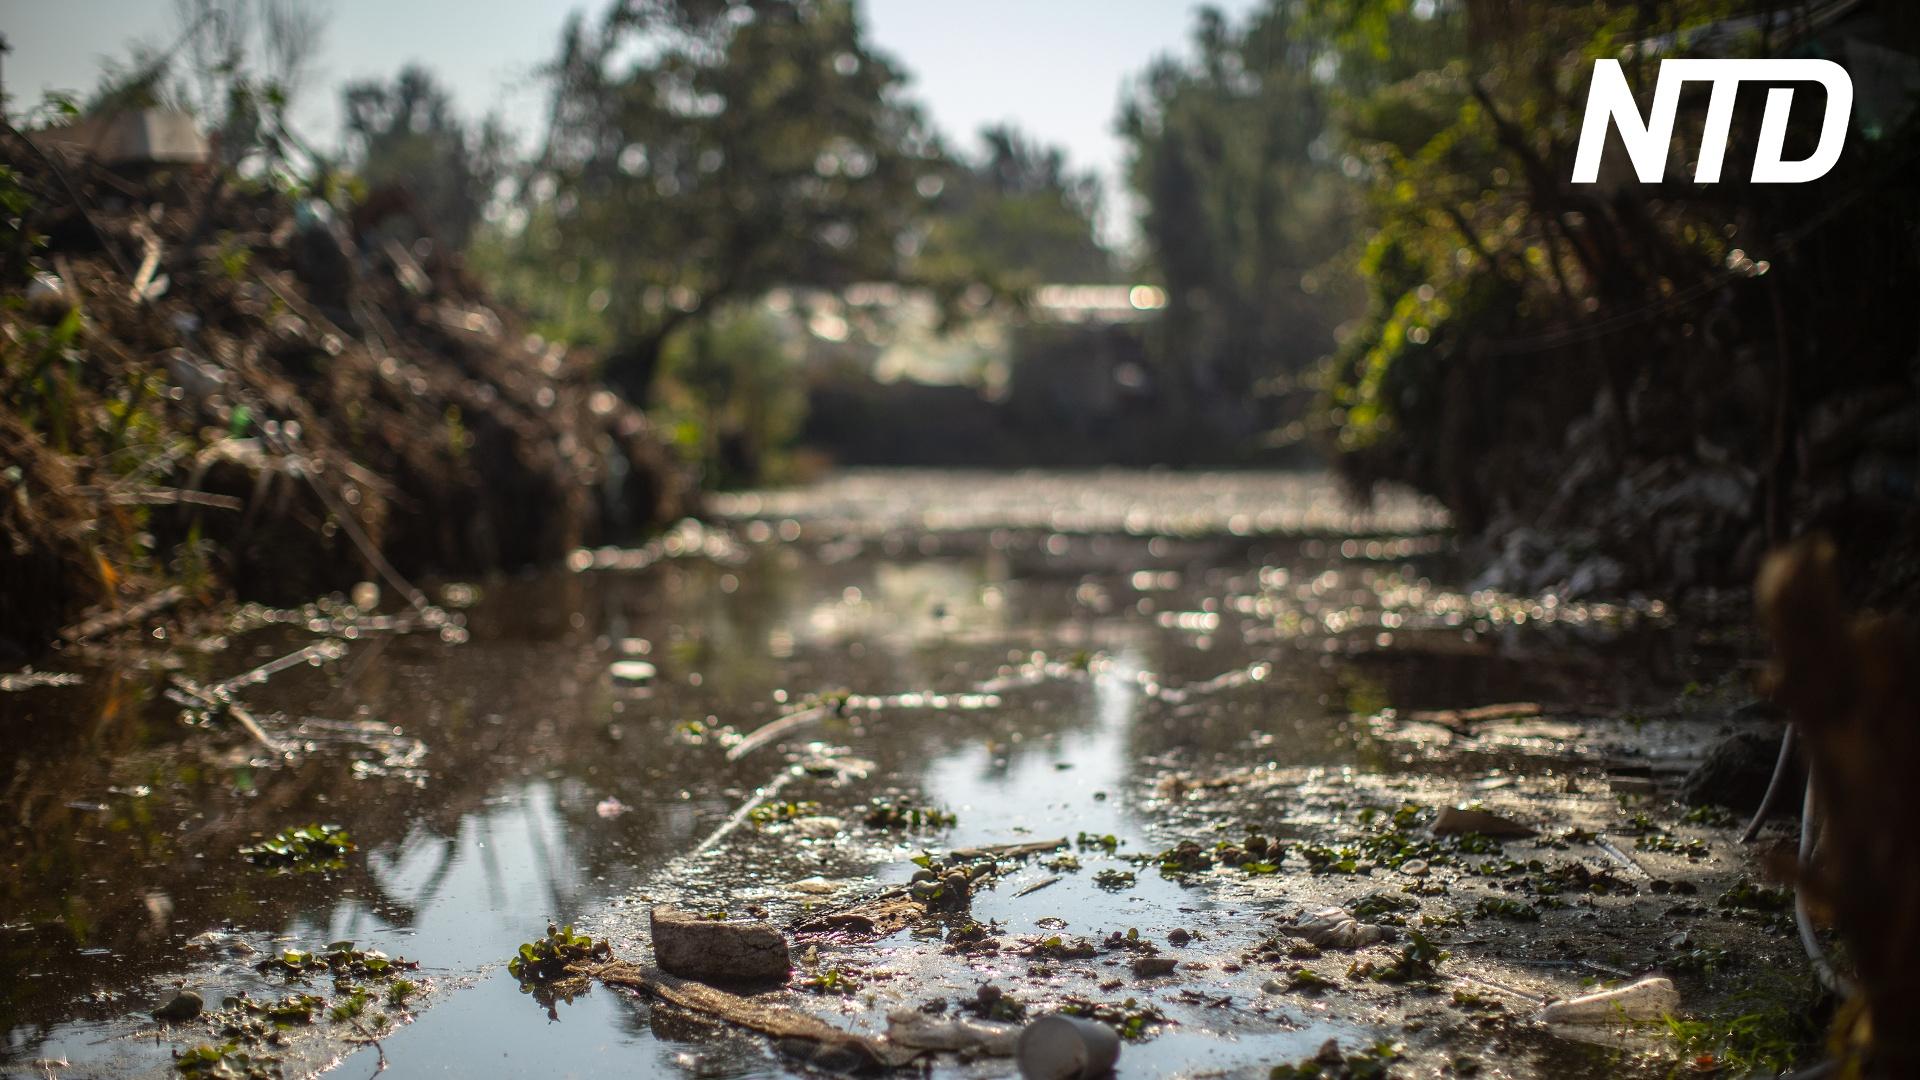 Каналы Сочимилько в Мехико очищают пузырьками воздуха